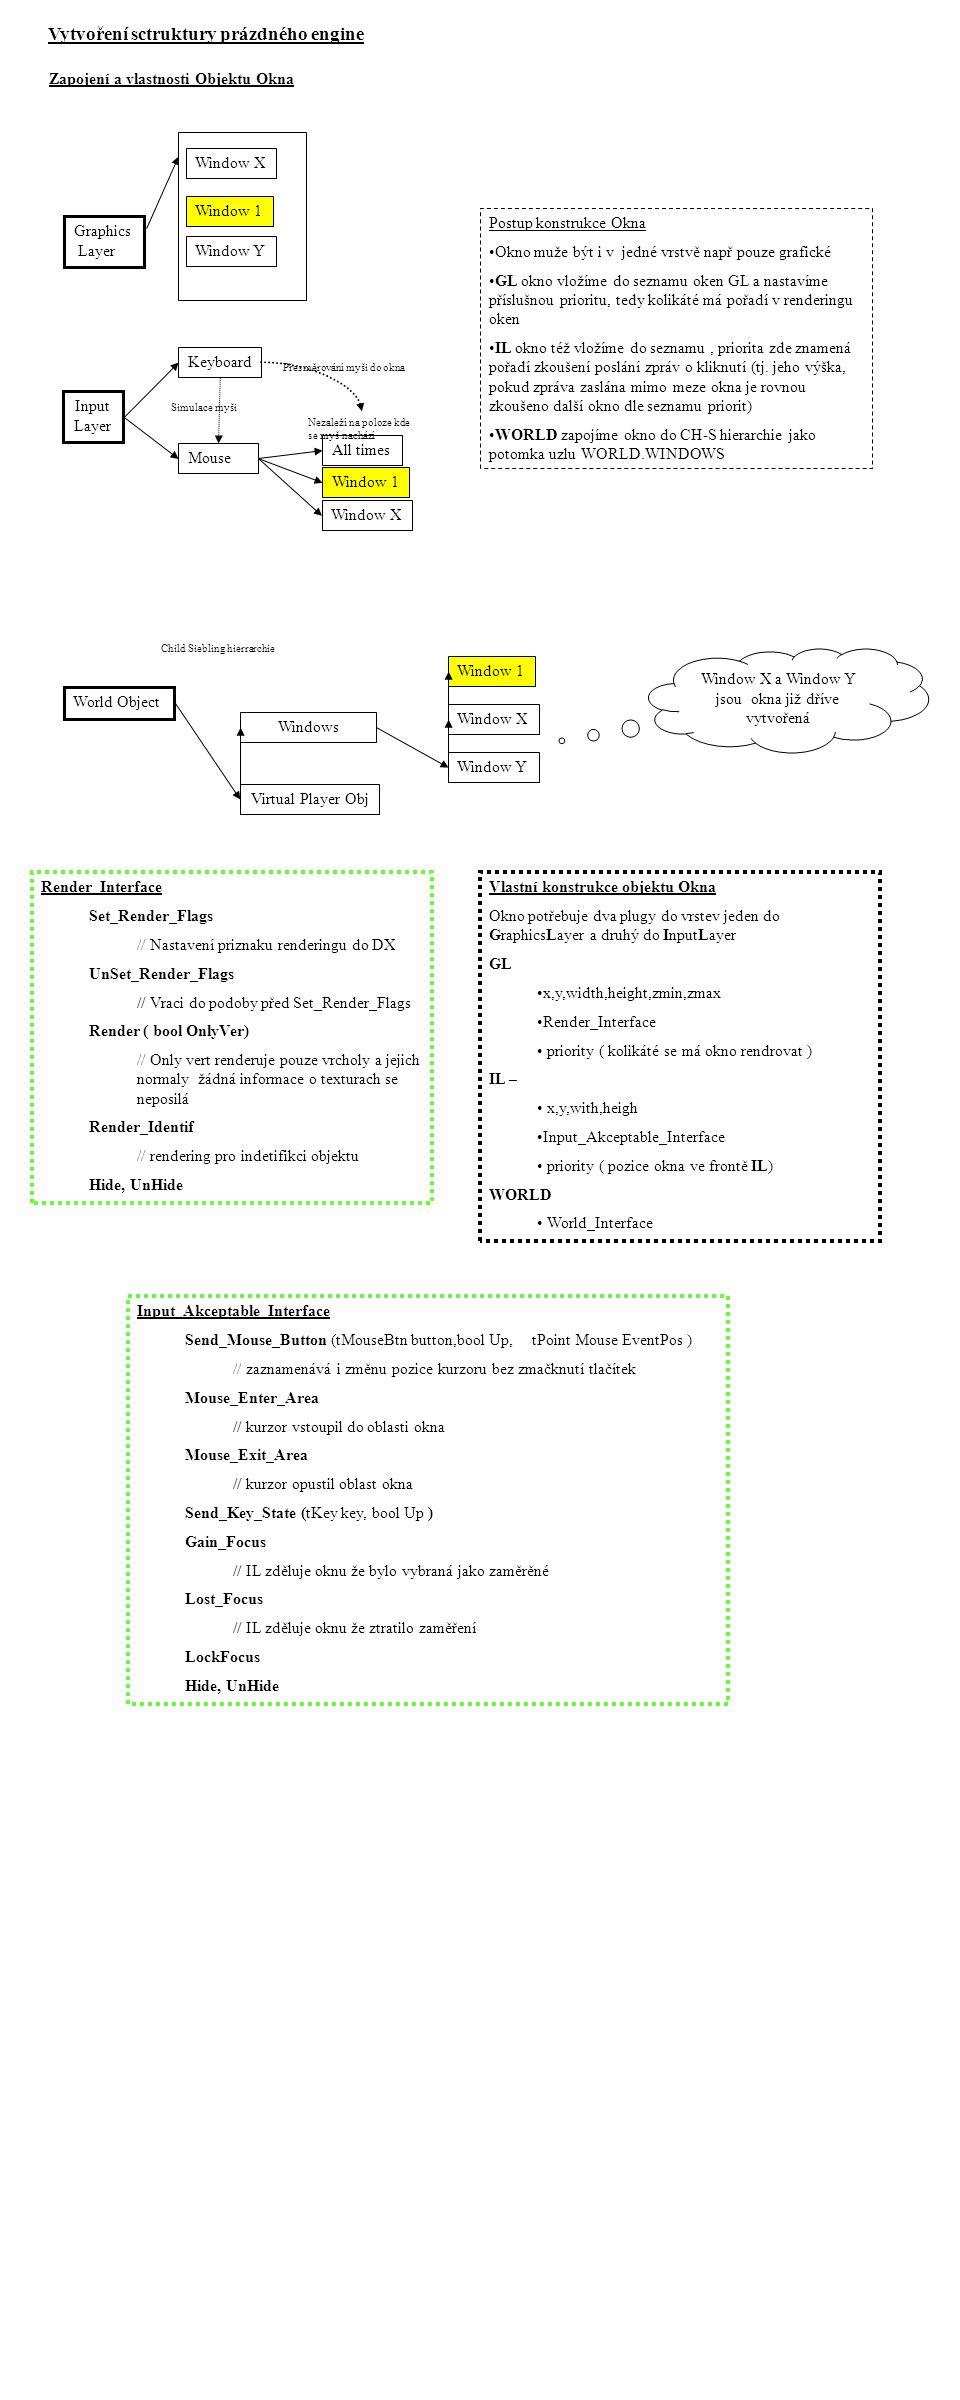 Graphics Layer Input Layer Keyboard Mouse All times Nezaleží na poloze kde se myš nachází Simulace myši Přesměrování myši do okna Window 1 Vlastní konstrukce objektu Okna Okno potřebuje dva plugy do vrstev jeden do GraphicsLayer a druhý do InputLayer GL •x,y,width,height,zmin,zmax •Render_Interface • priority ( kolikáté se má okno rendrovat ) IL – • x,y,with,heigh •Input_Akceptable_Interface • priority ( pozice okna ve frontě IL) WORLD • World_Interface Render_Interface Set_Render_Flags // Nastavení priznaku renderingu do DX UnSet_Render_Flags // Vraci do podoby před Set_Render_Flags Render ( bool OnlyVer) // Only vert renderuje pouze vrcholy a jejich normaly žádná informace o texturach se neposilá Render_Identif // rendering pro indetifikci objektu Hide, UnHide Input_Akceptable_Interface Send_Mouse_Button (tMouseBtn button,bool Up, tPoint Mouse EventPos ) // zaznamenává i změnu pozice kurzoru bez zmačknutí tlačítek Mouse_Enter_Area // kurzor vstoupil do oblasti okna Mouse_Exit_Area // kurzor opustil oblast okna Send_Key_State (tKey key, bool Up ) Gain_Focus // IL zděluje oknu že bylo vybraná jako zaměrěné Lost_Focus // IL zděluje oknu že ztratilo zaměření LockFocus Hide, UnHide Postup konstrukce Okna •Okno muže být i v jedné vrstvě např pouze grafické •GL okno vložíme do seznamu oken GL a nastavíme příslušnou prioritu, tedy kolikáté má pořadí v renderingu oken •IL okno též vložíme do seznamu, priorita zde znamená pořadí zkoušení poslání zpráv o kliknutí (tj.